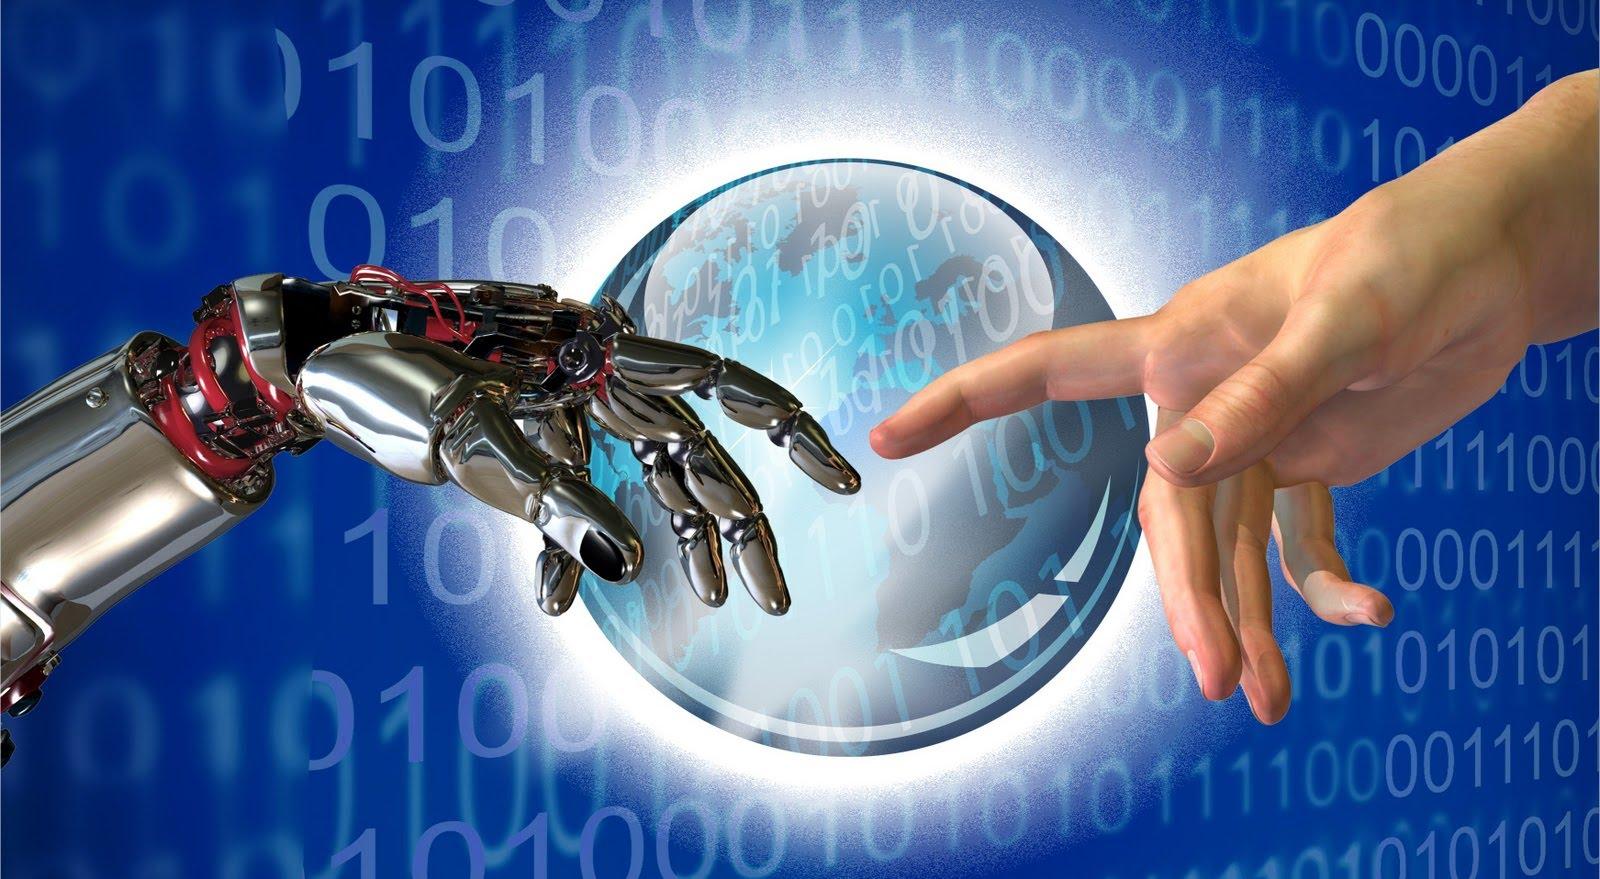 La ciencia que transformará la humanidad...